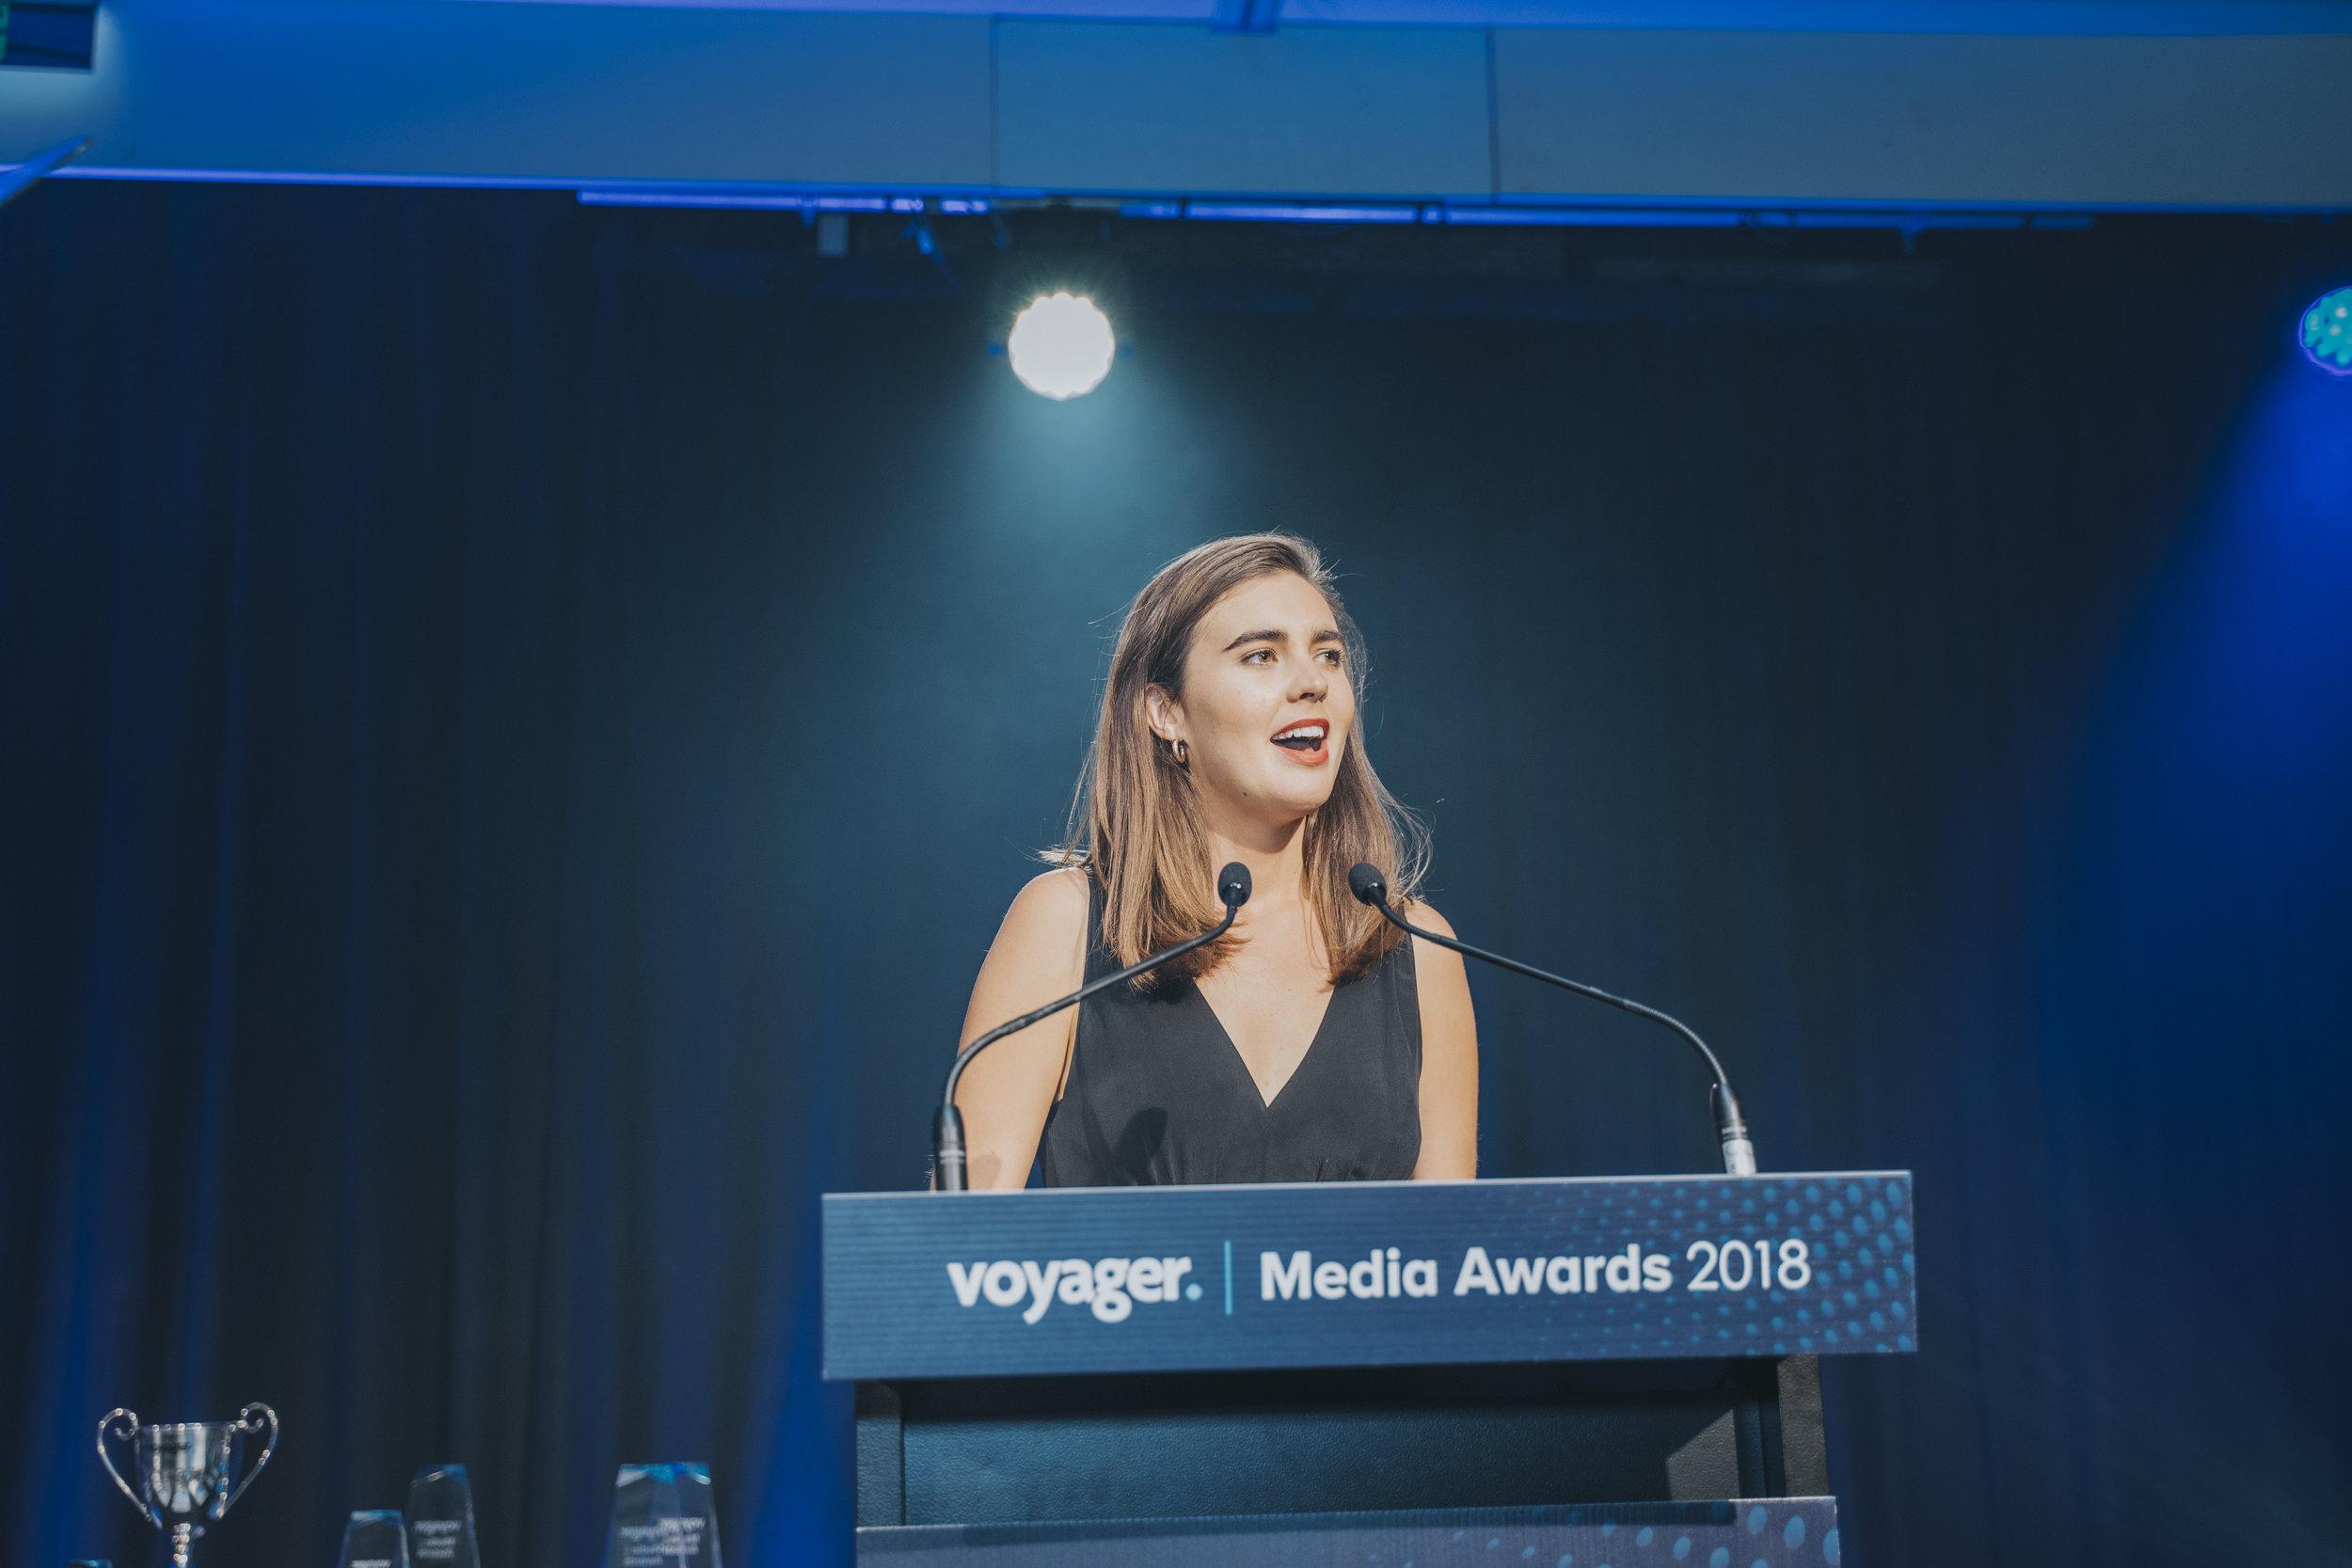 Voyager Media Awards 2018-164.JPG